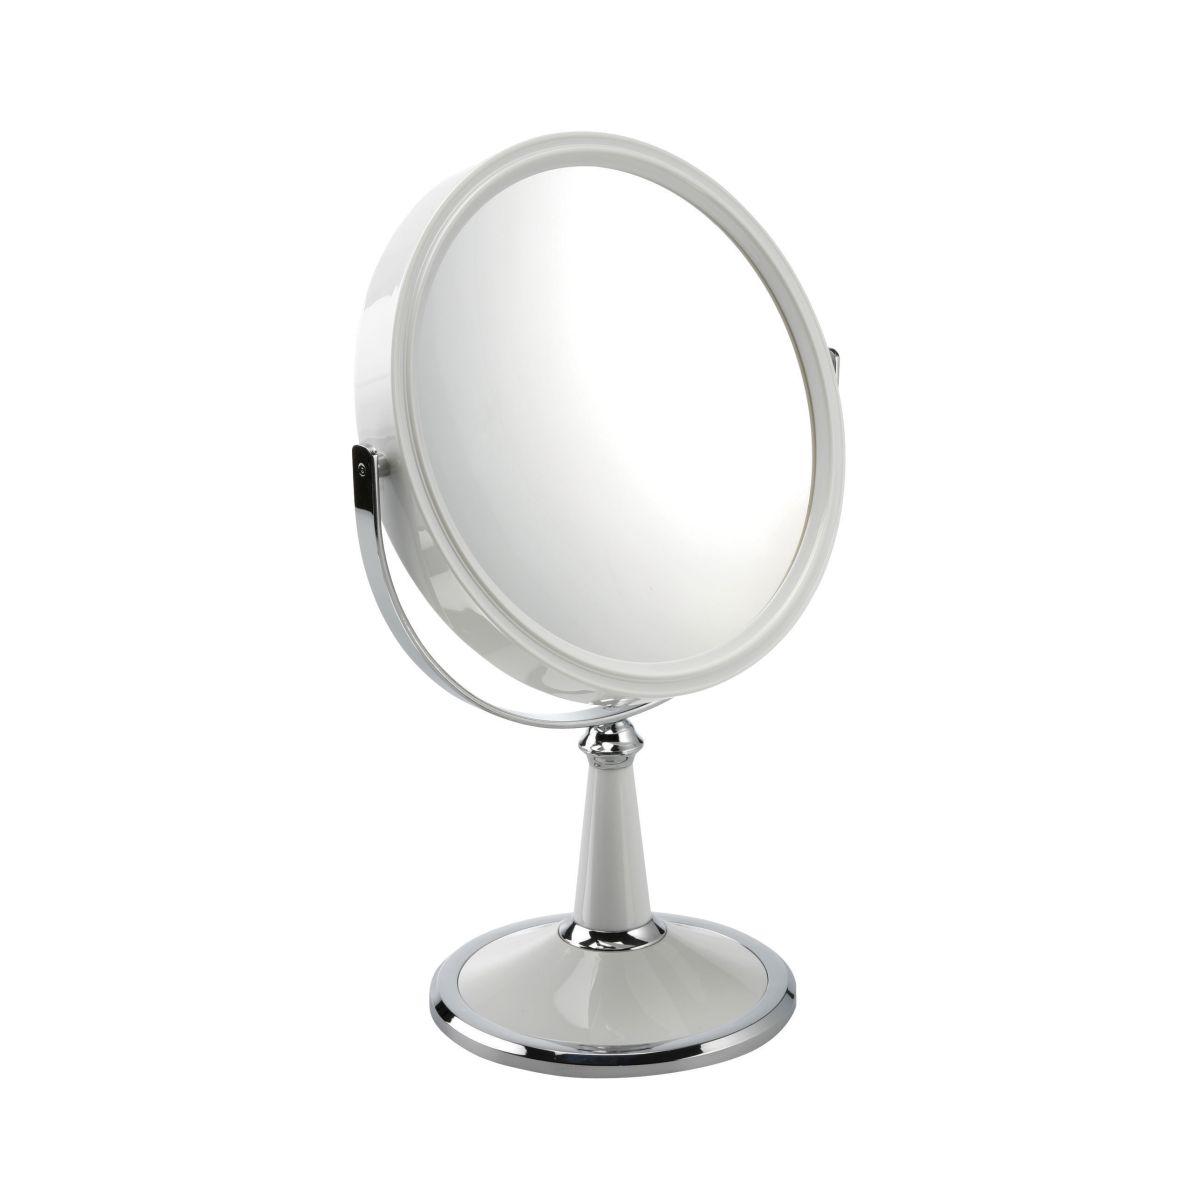 1009 20 WHX10 1 - Mia' 10x Magnification Pedestal Mirror - 100920W